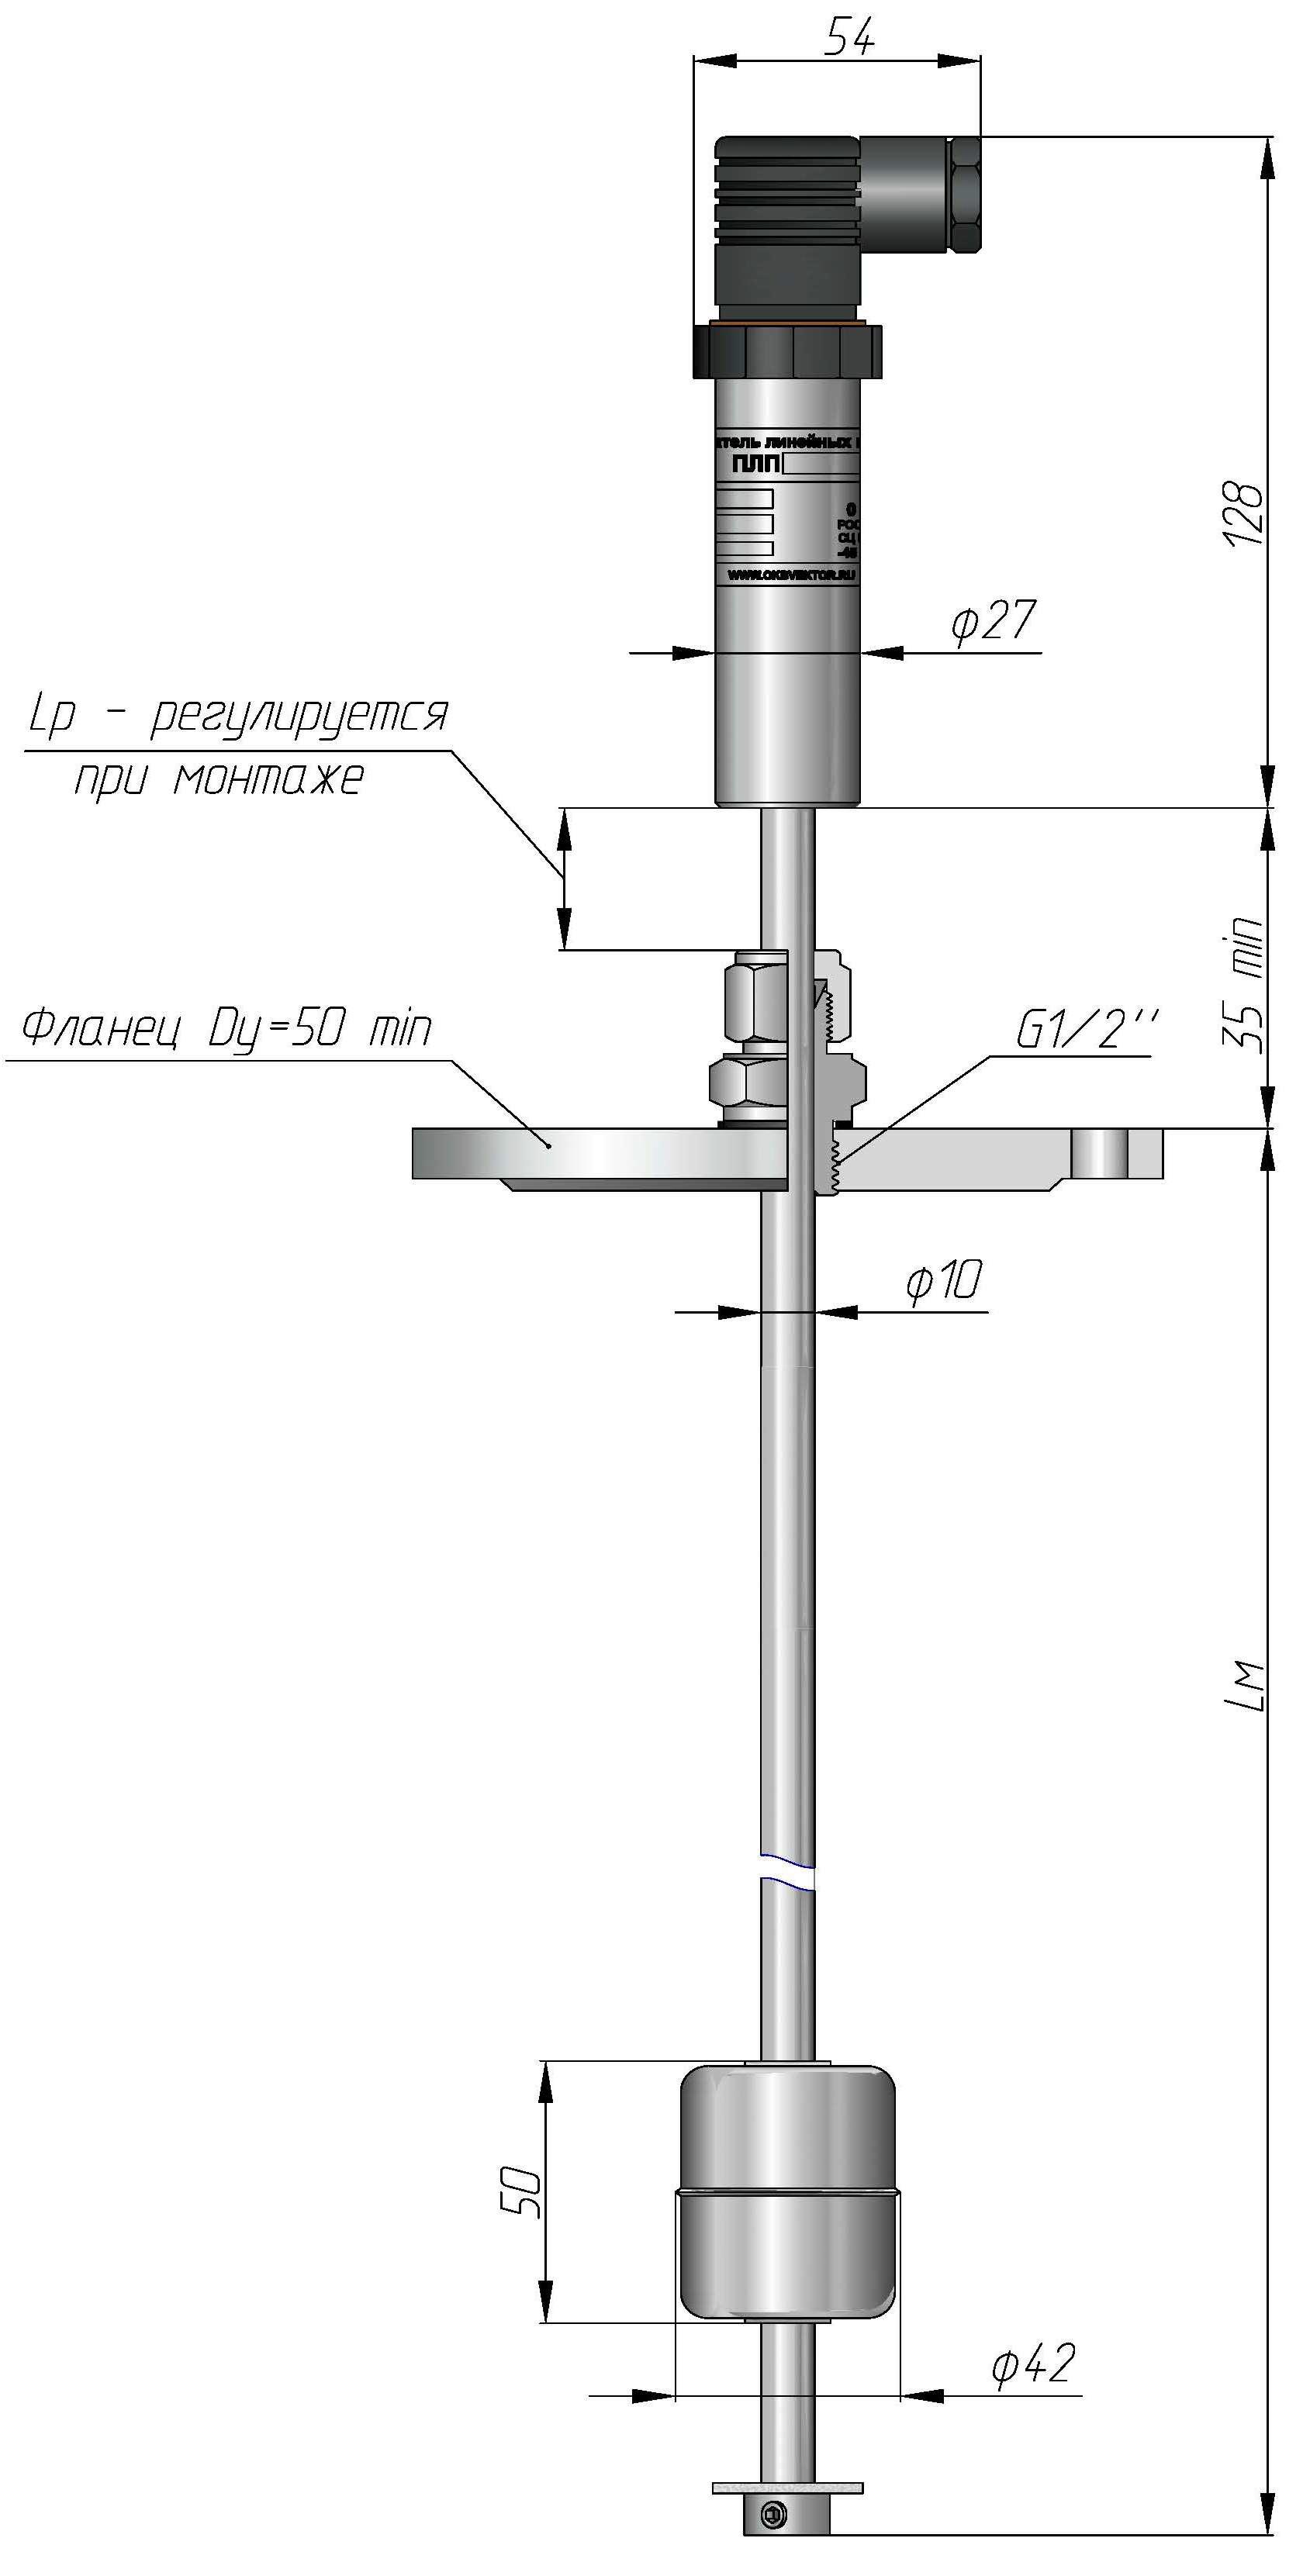 """Датчики уровня магнитострикционные ПЛП1010Н-Ех-С и ПЛП1010U-0-C - ОКБ """"Вектор"""""""